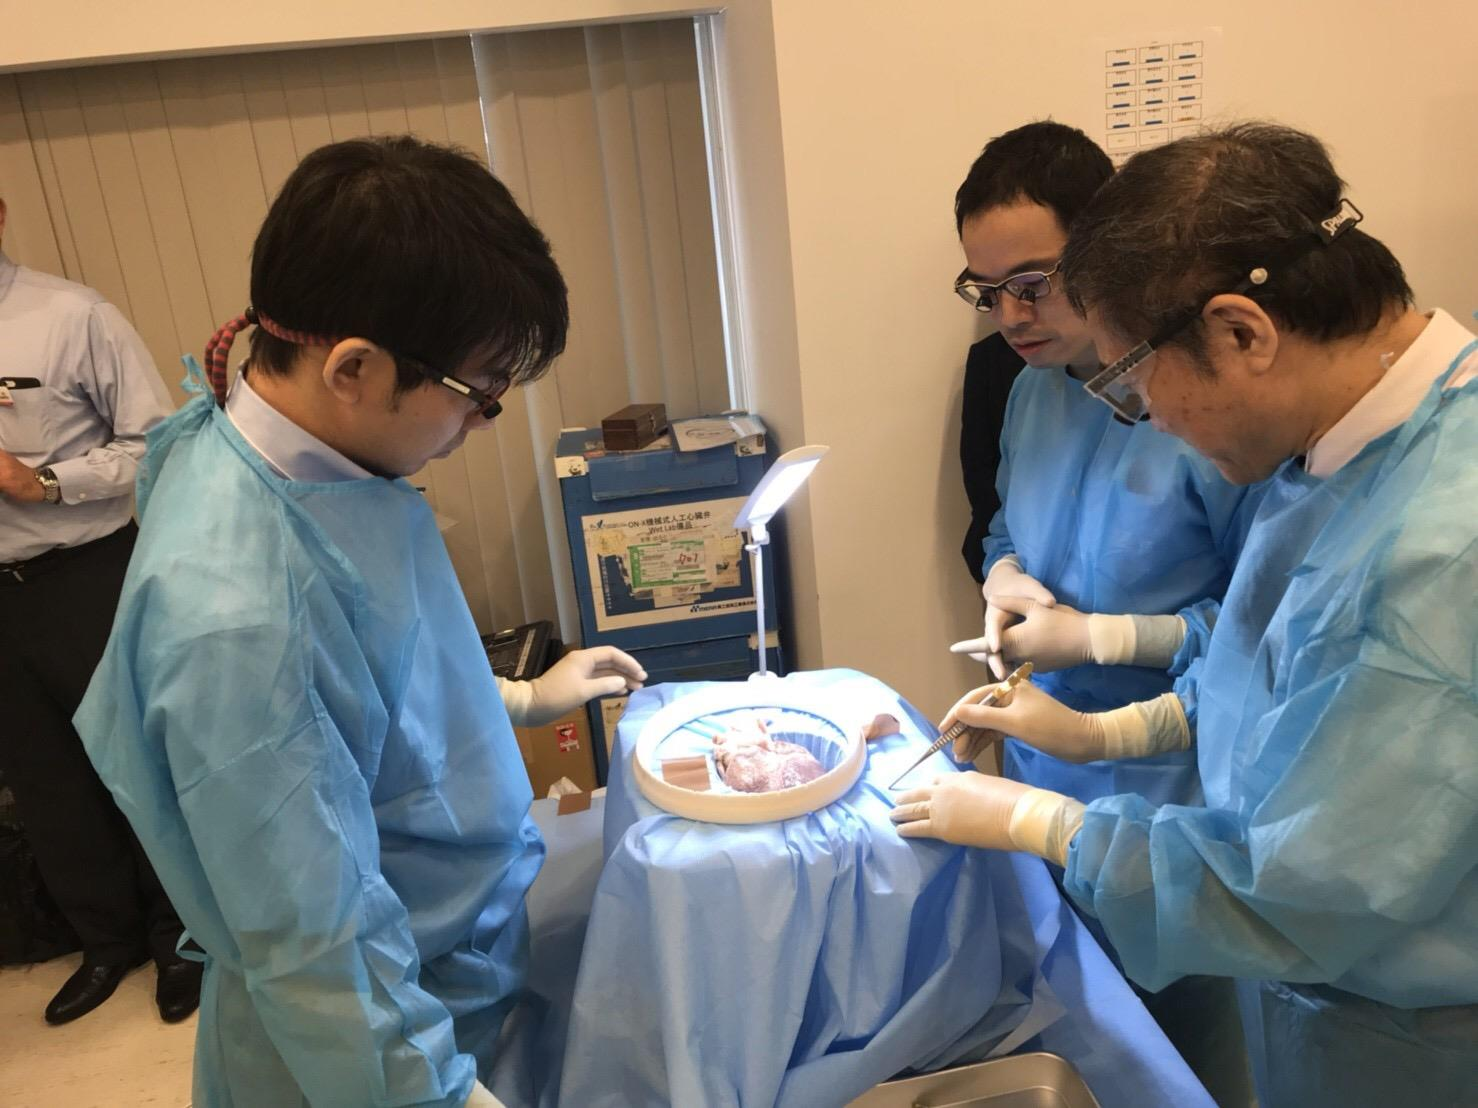 時には手を止めて、しっかり解剖、知識を確認できることも wet lab の醍醐味です。